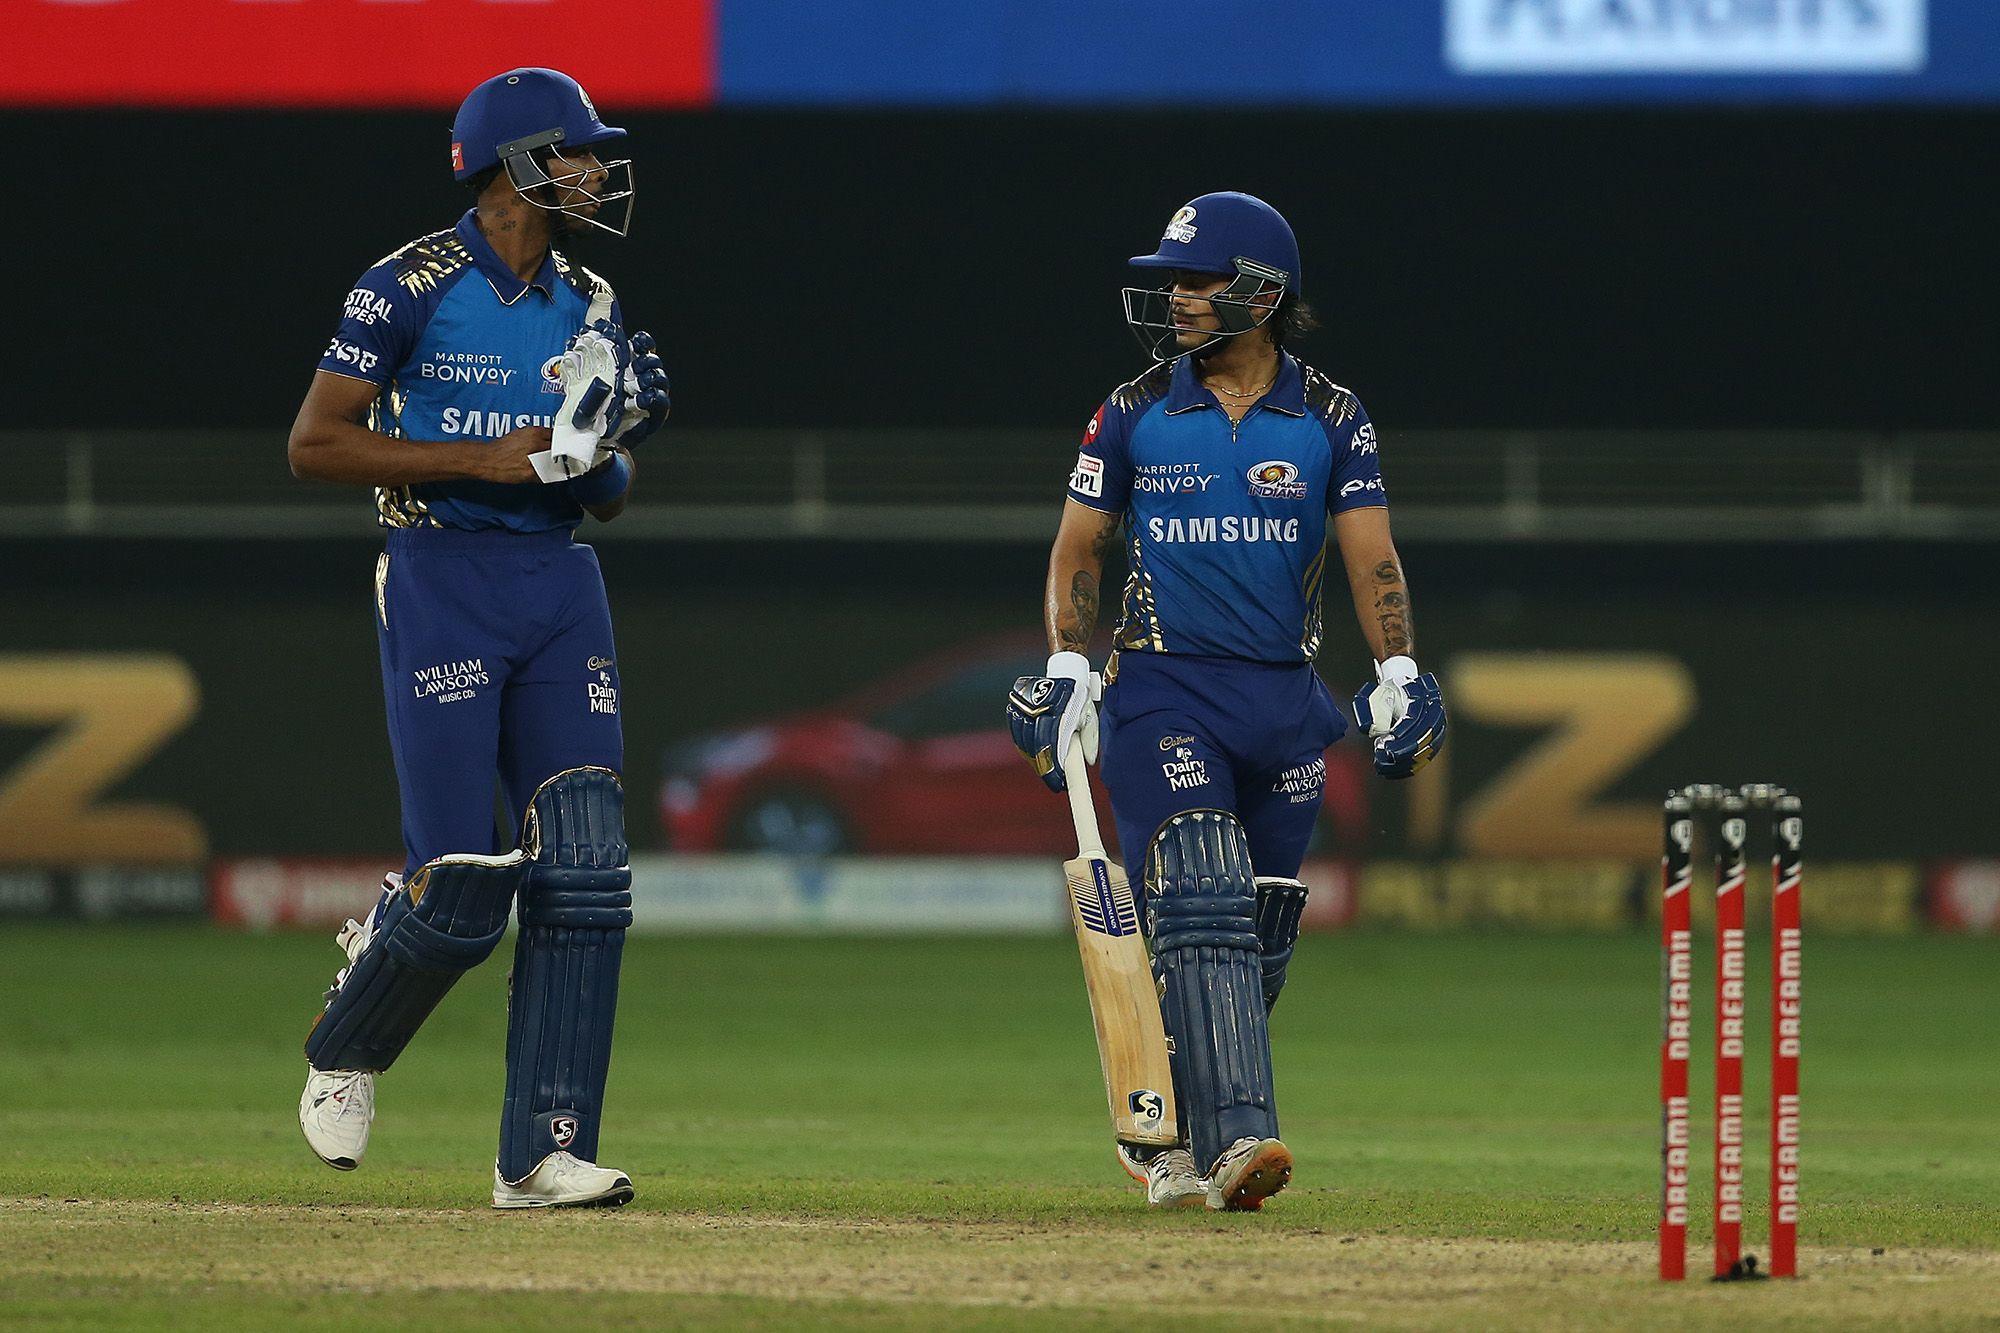 MIvsDC: पहले क्वालीफायर मैच के बाद इन 2 भारतीय खिलाड़ियों के पास है ऑरेंज कैप और पर्पल कैप 2